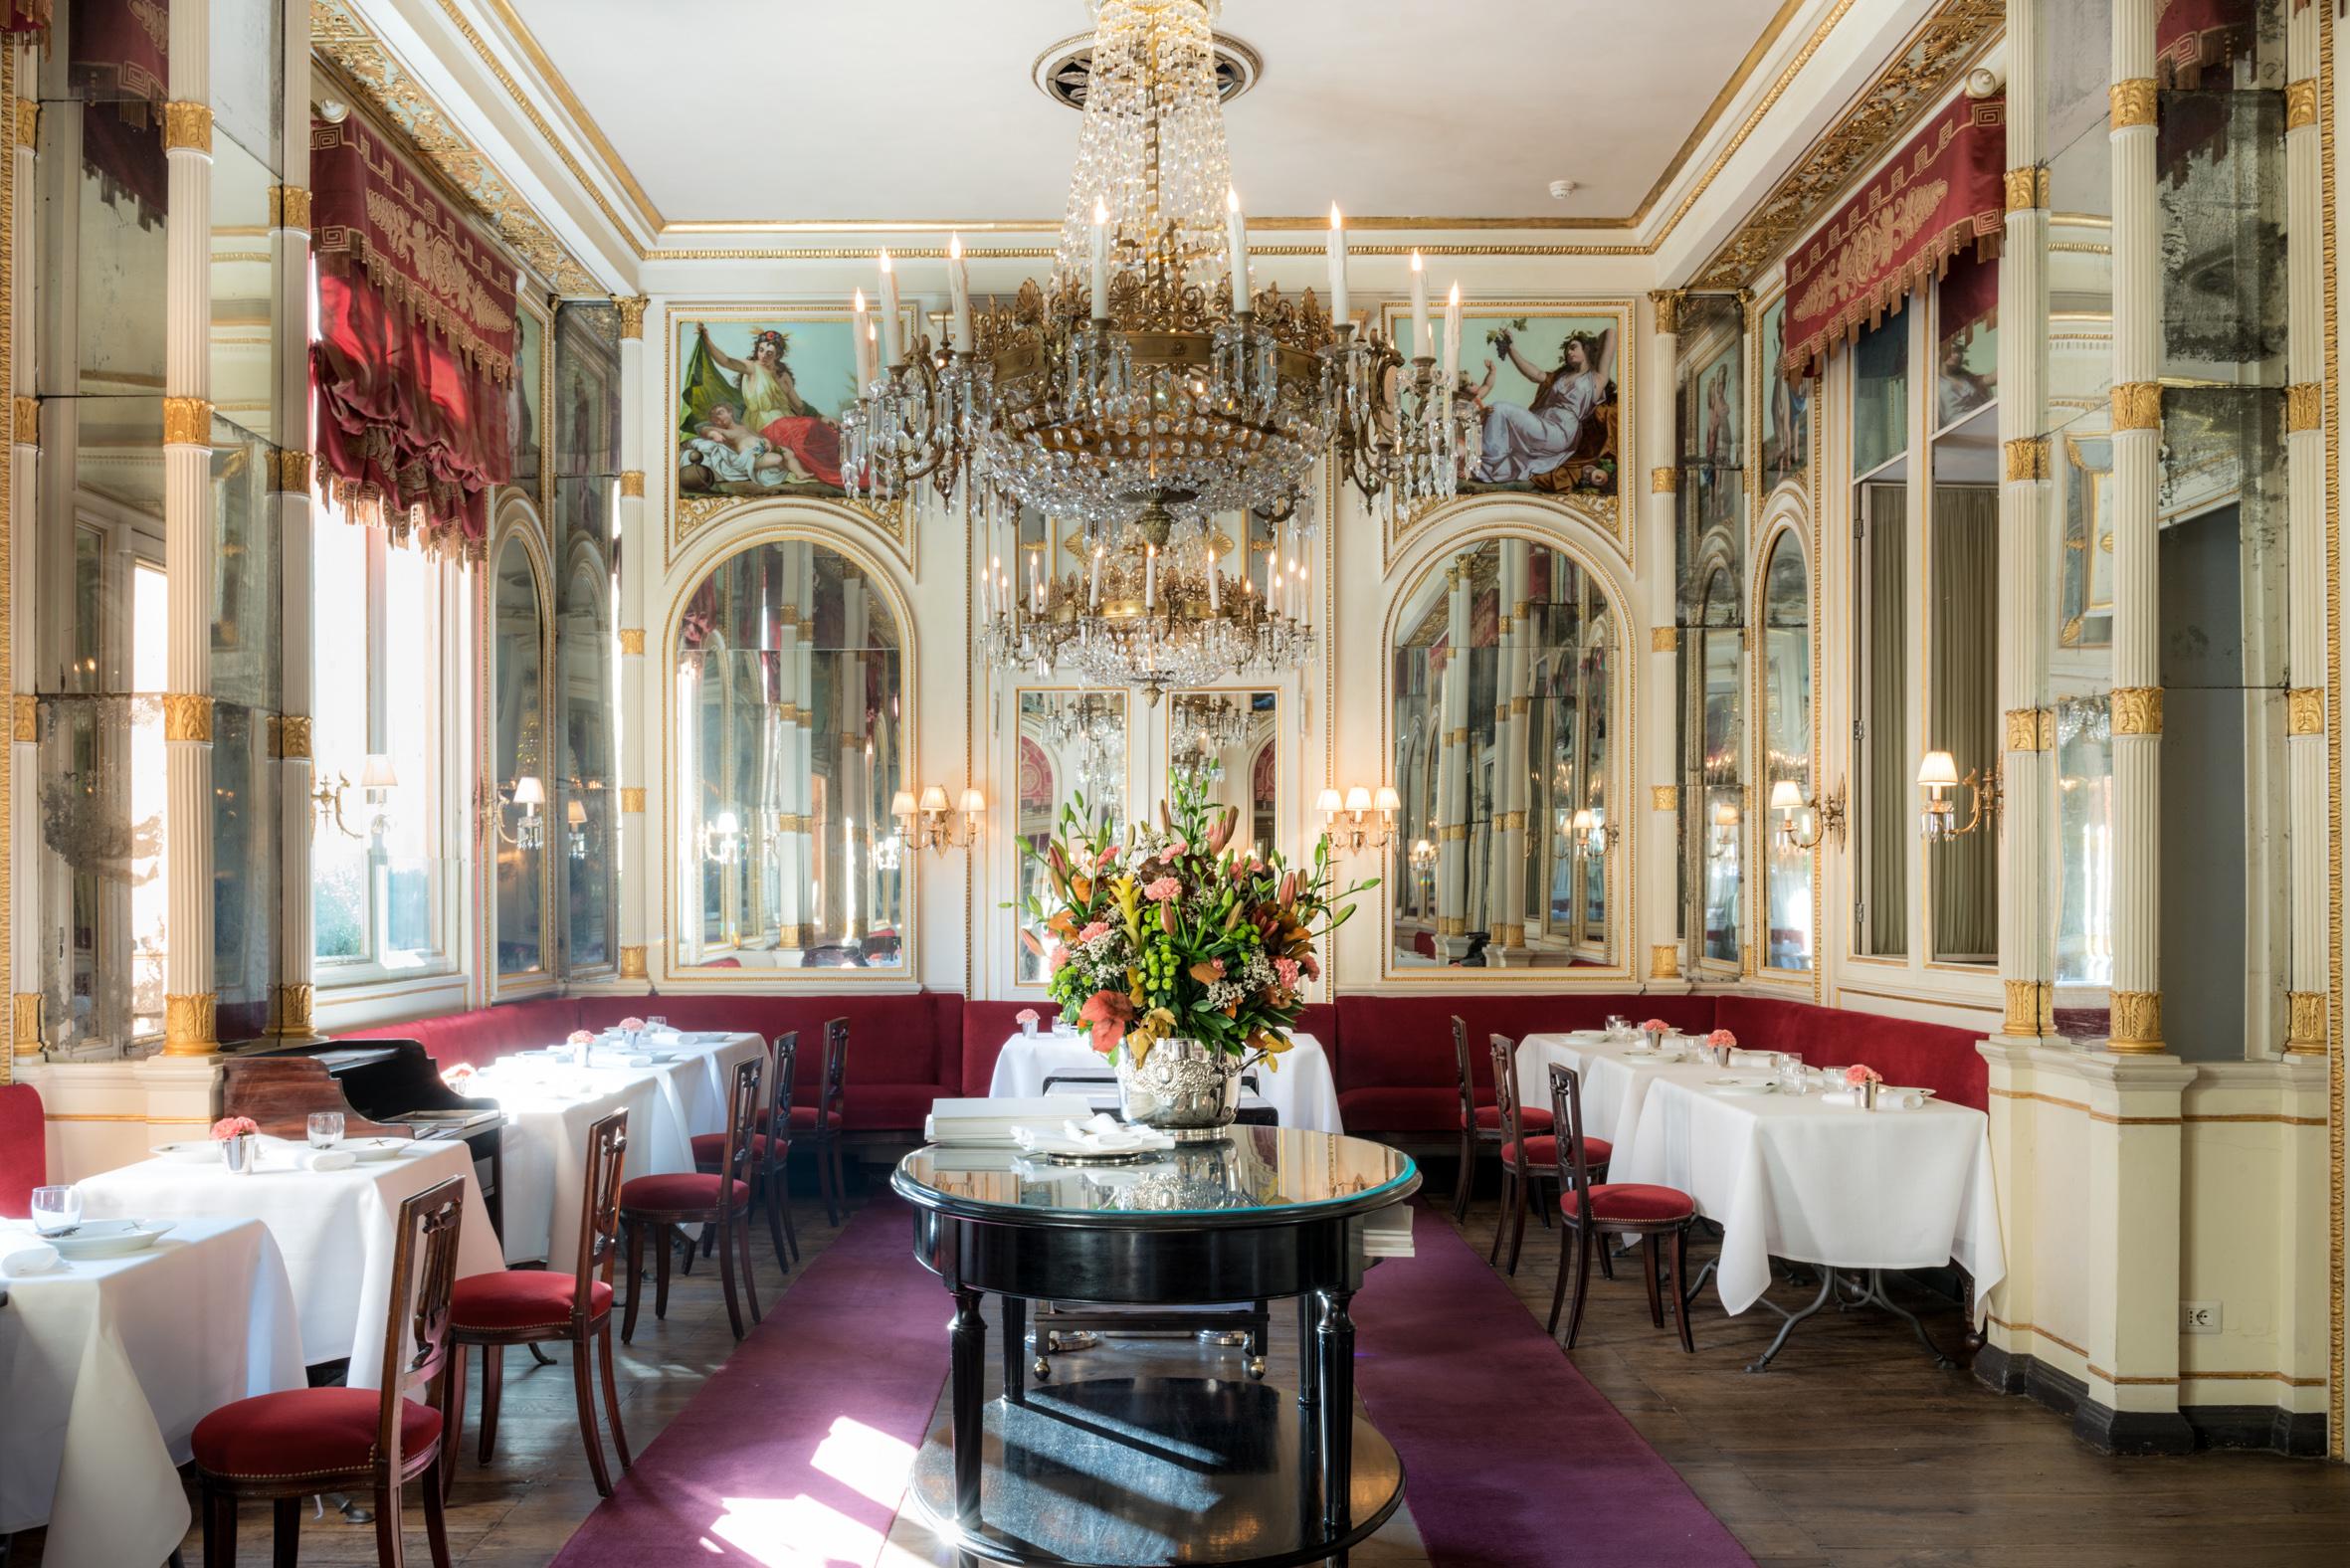 Locali storici: i ristoranti più antichi d'Italia